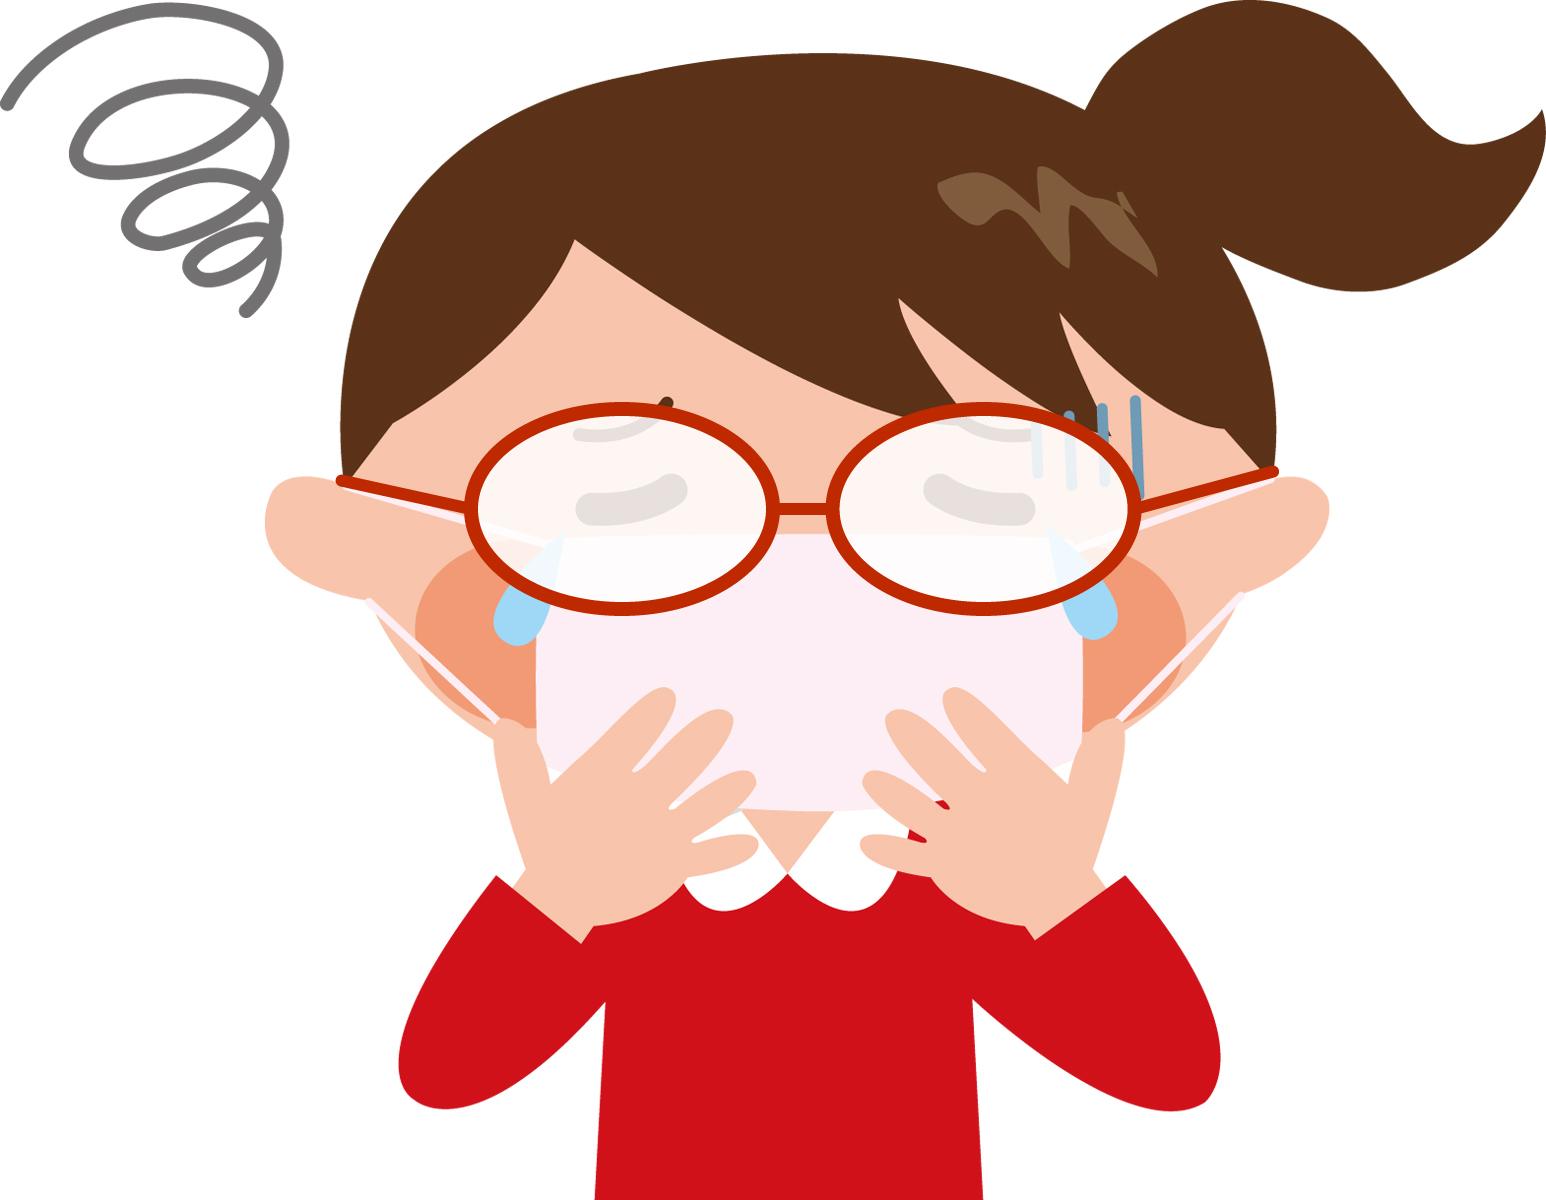 マスクをしている時に眼鏡が曇らないよう防止する方法や裏技 らいふのーと